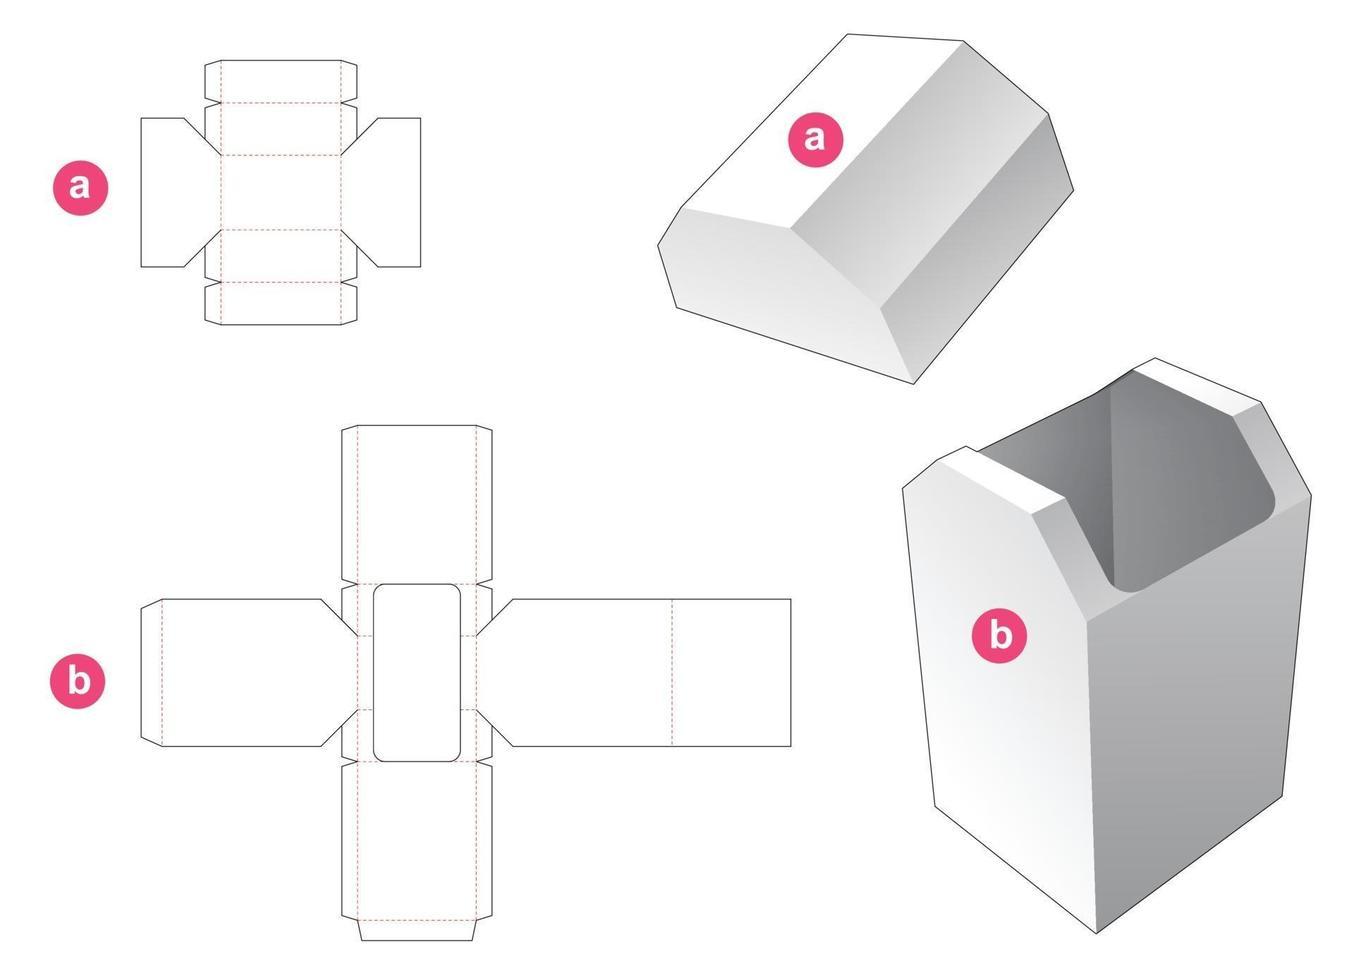 caixa de caixote de papelão com molde de tampa chanfrada vetor